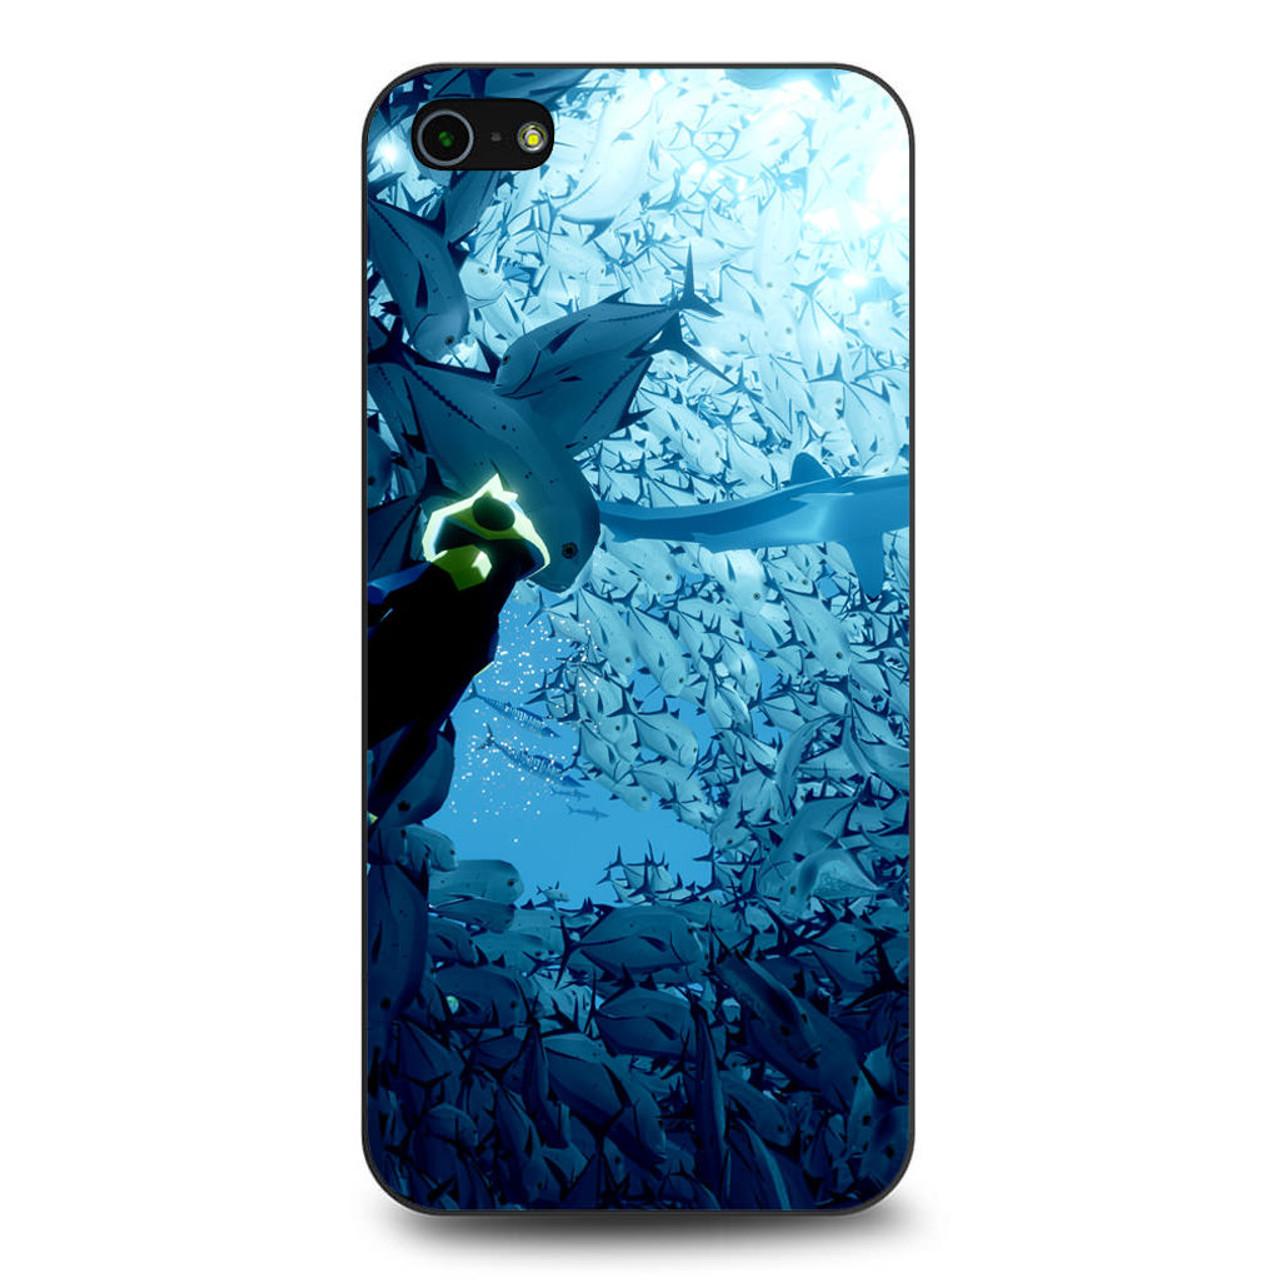 Games Abzu iPhone 5/5S/SE Case